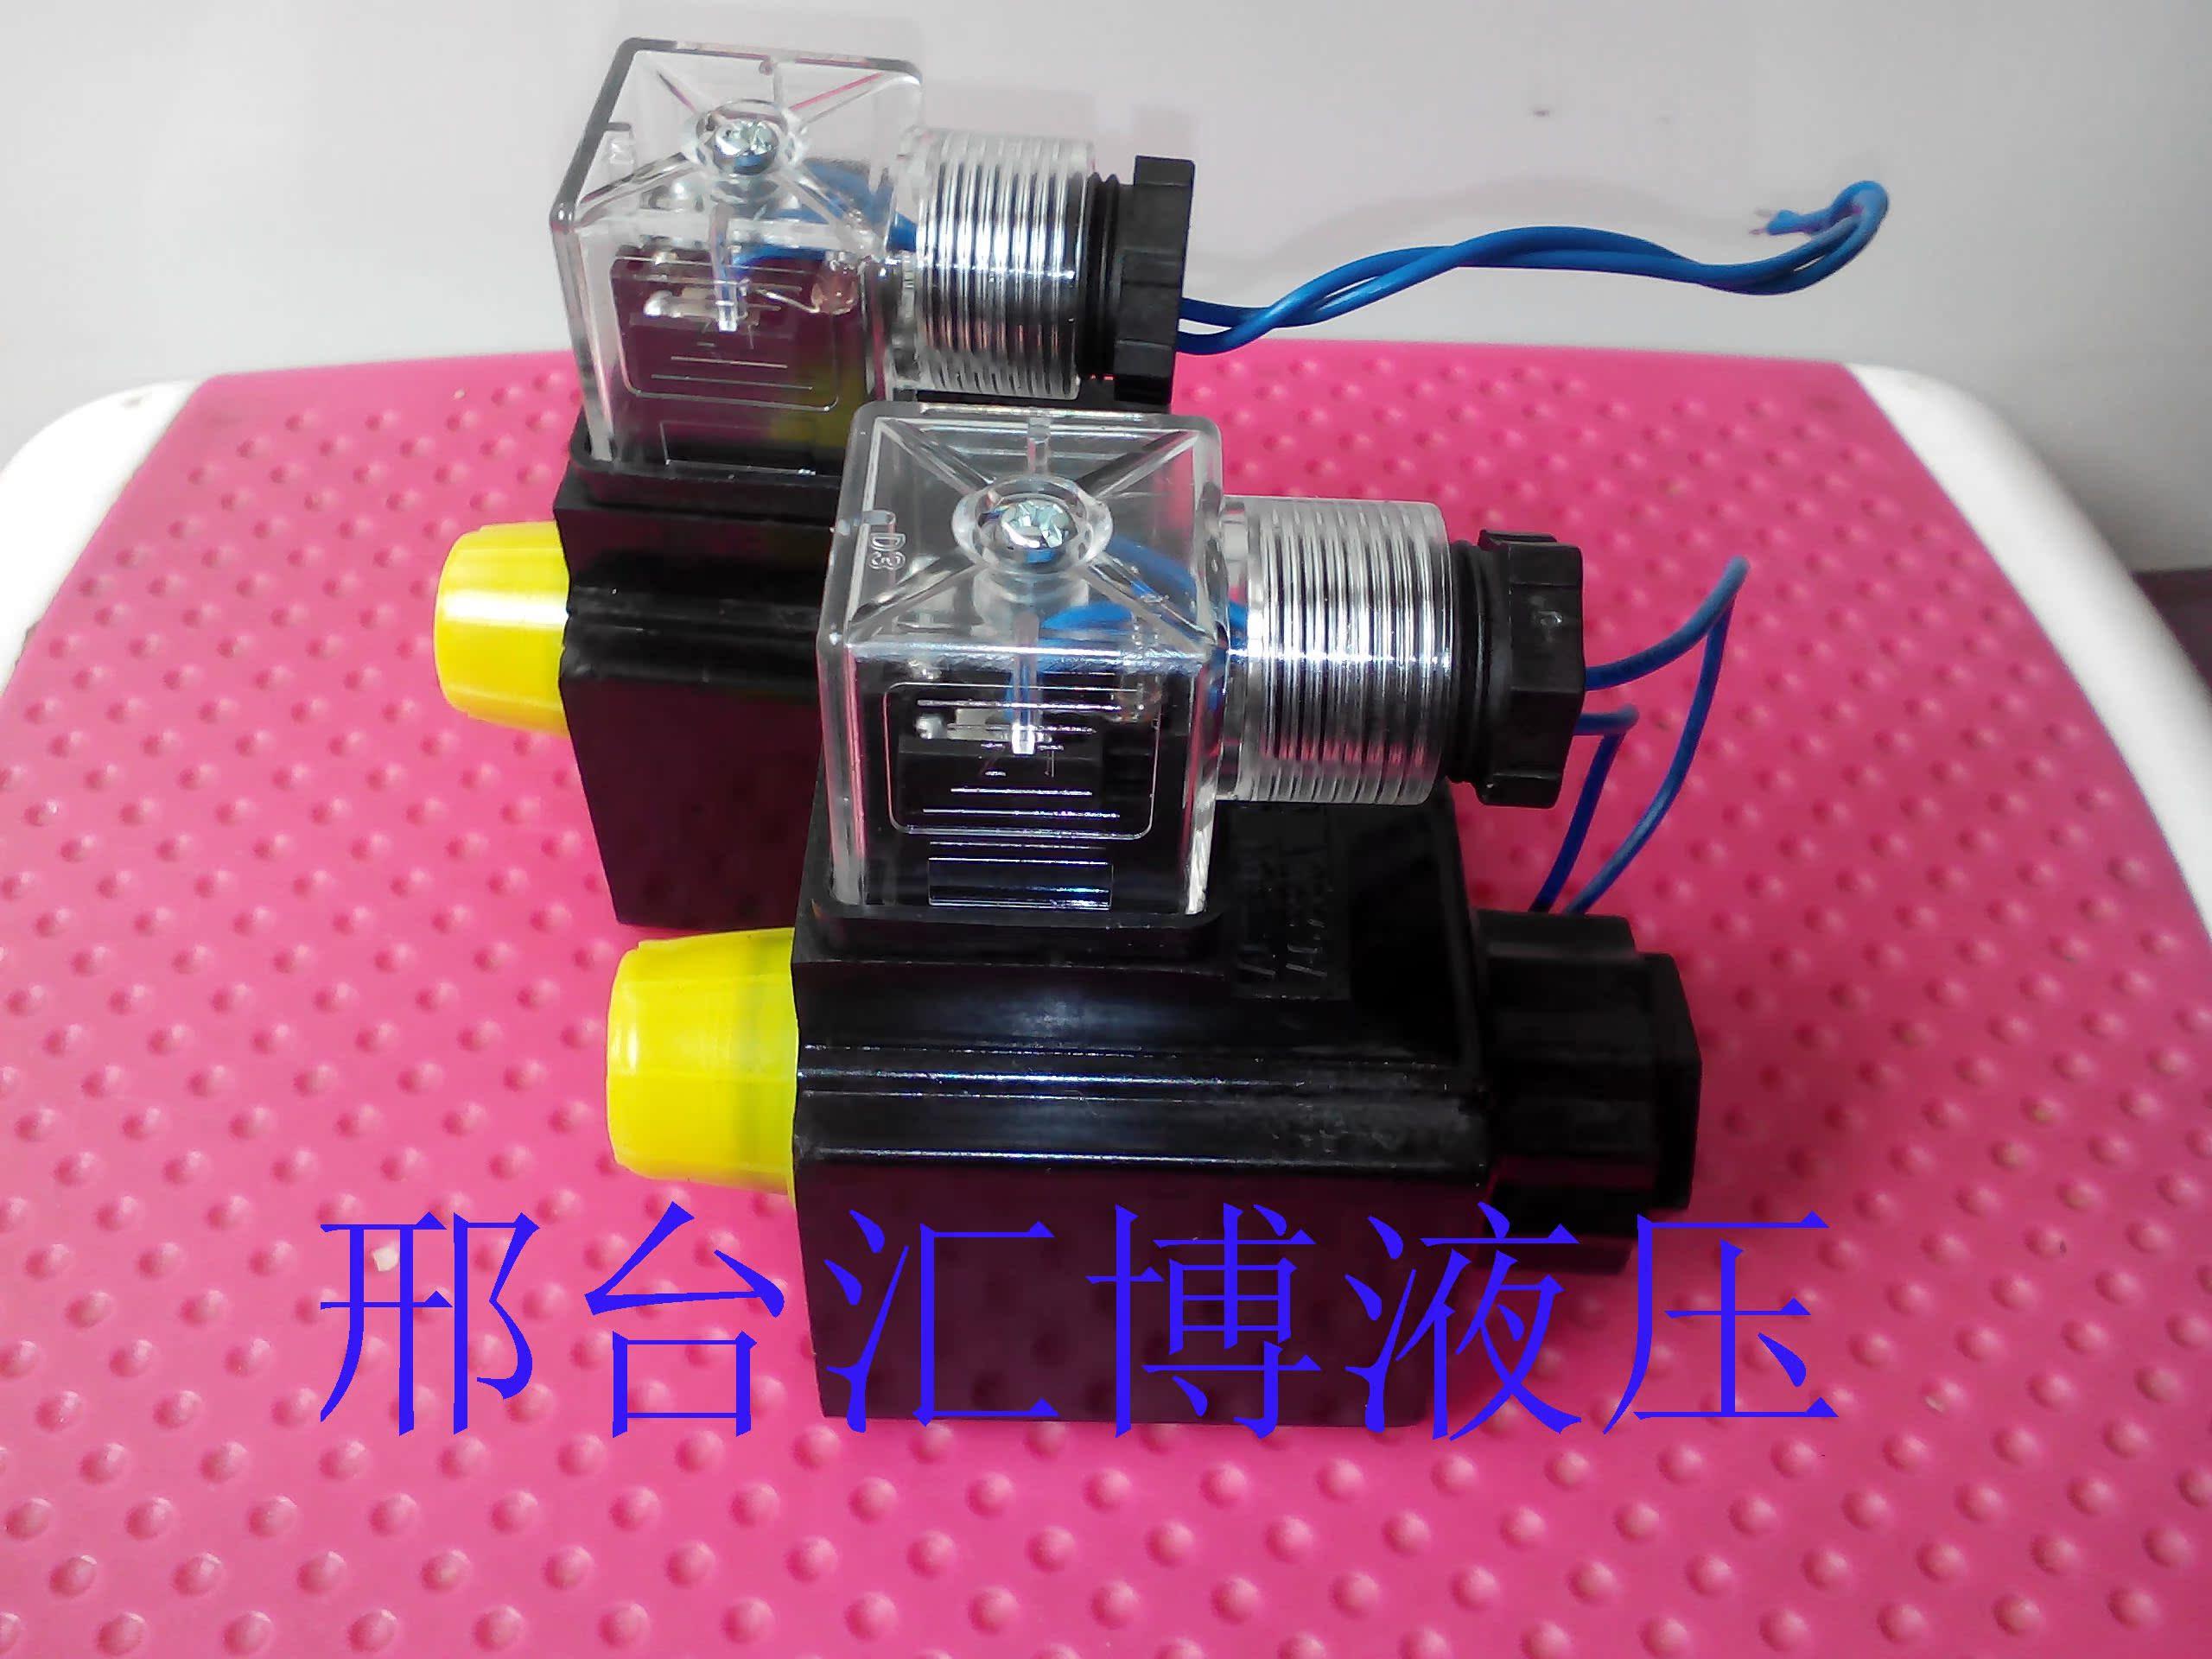 电动油泵 液压油泵 explkzb-cg无货预定 (6600元)  2: 液压手动换向阀图片